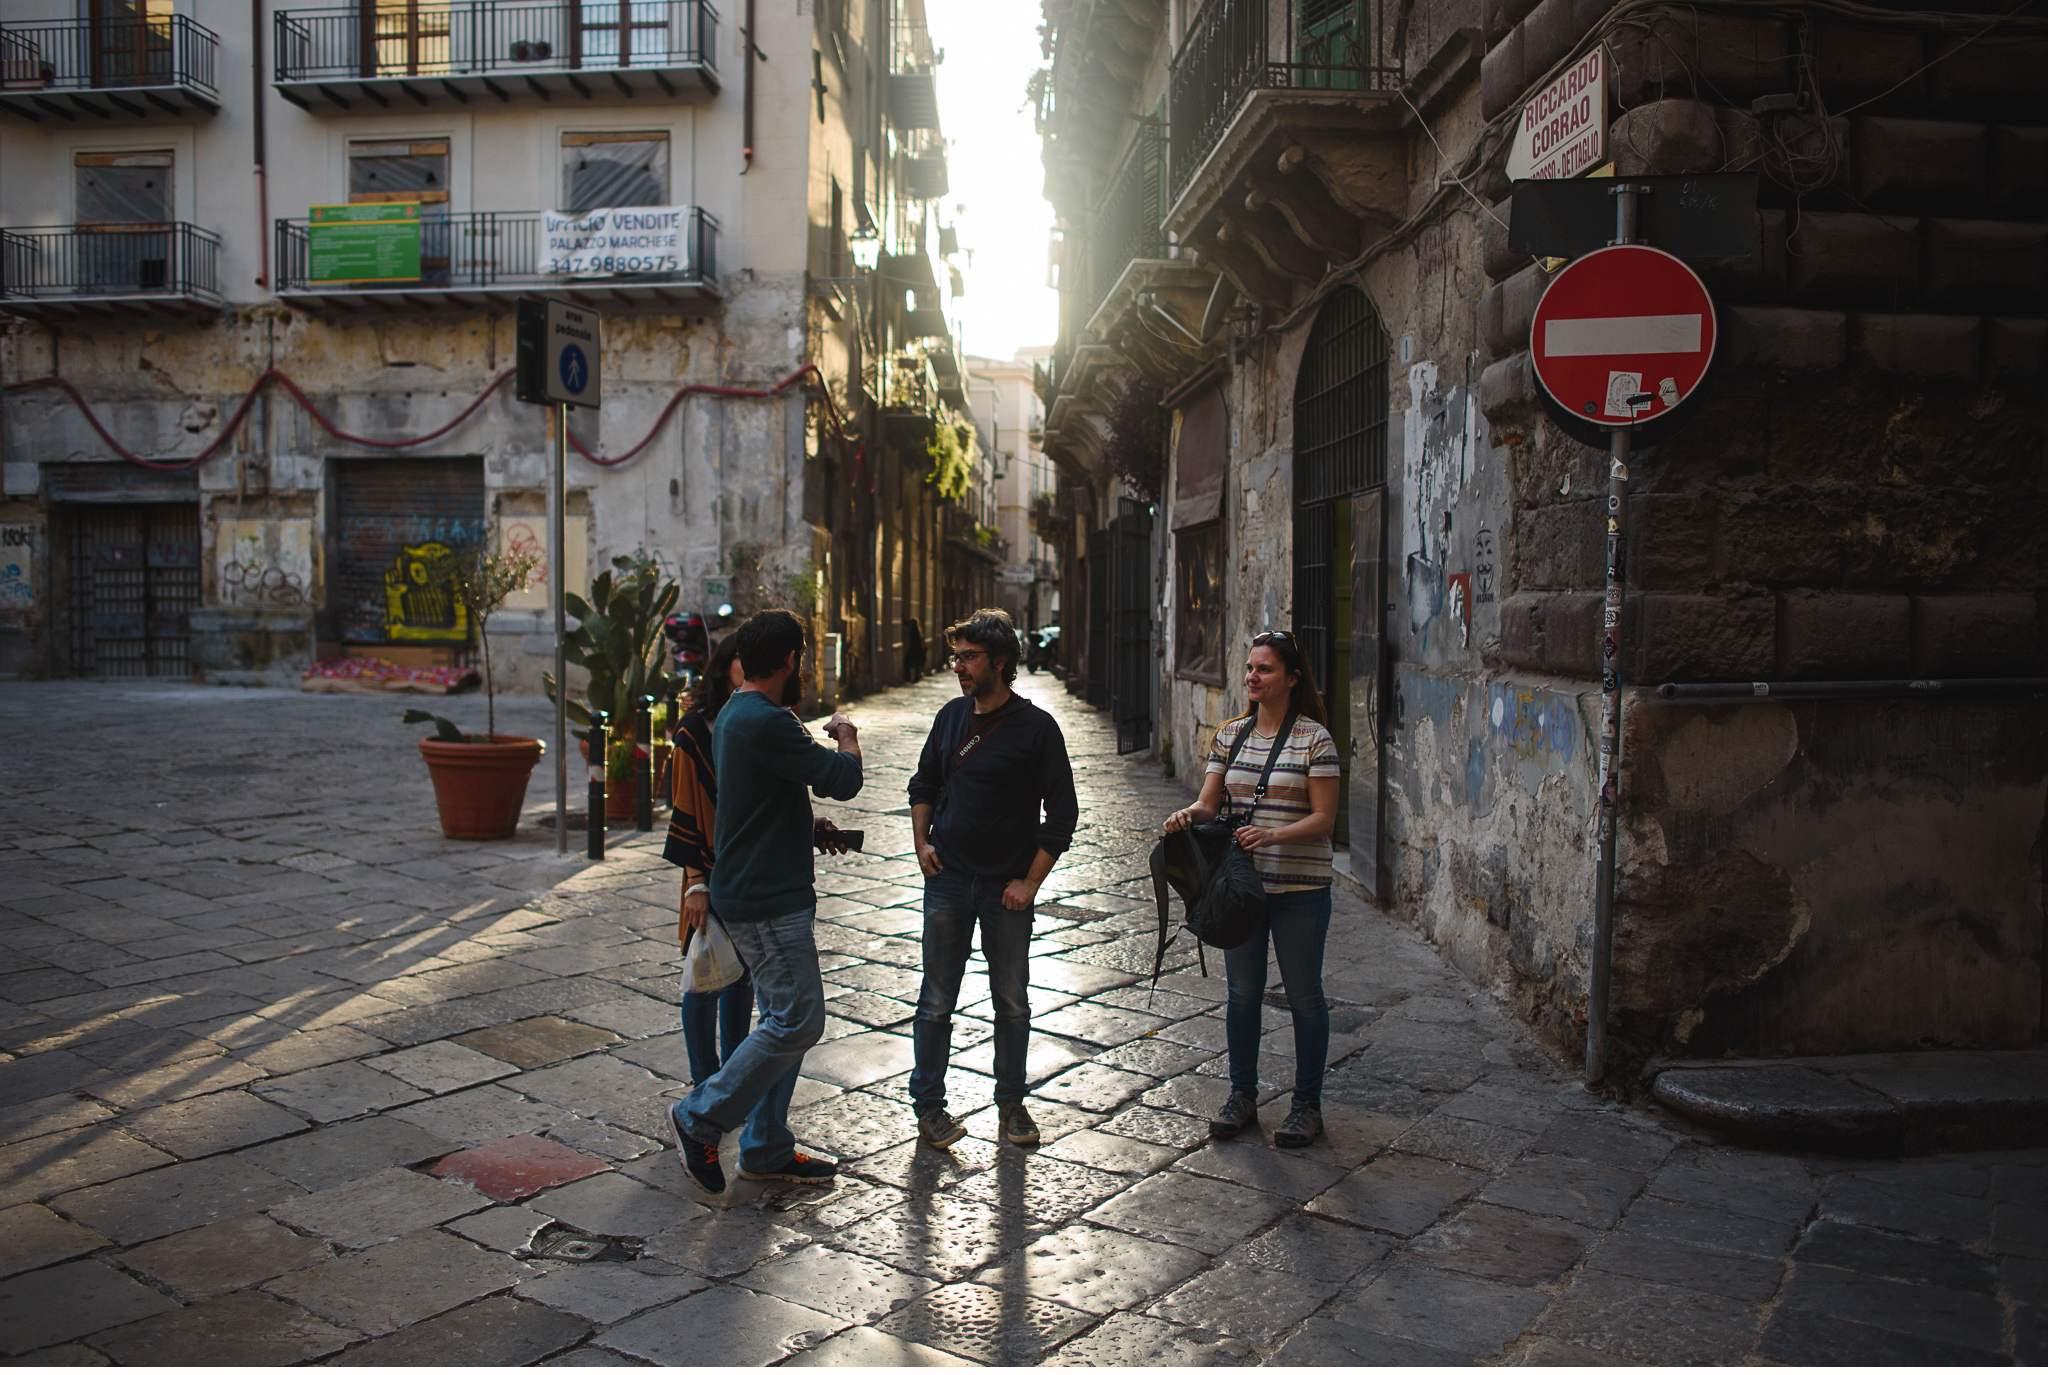 Palermo - visit Palermo - Italien - By Daniel Kempf-Seifried - Geschichten von unterwegs-115